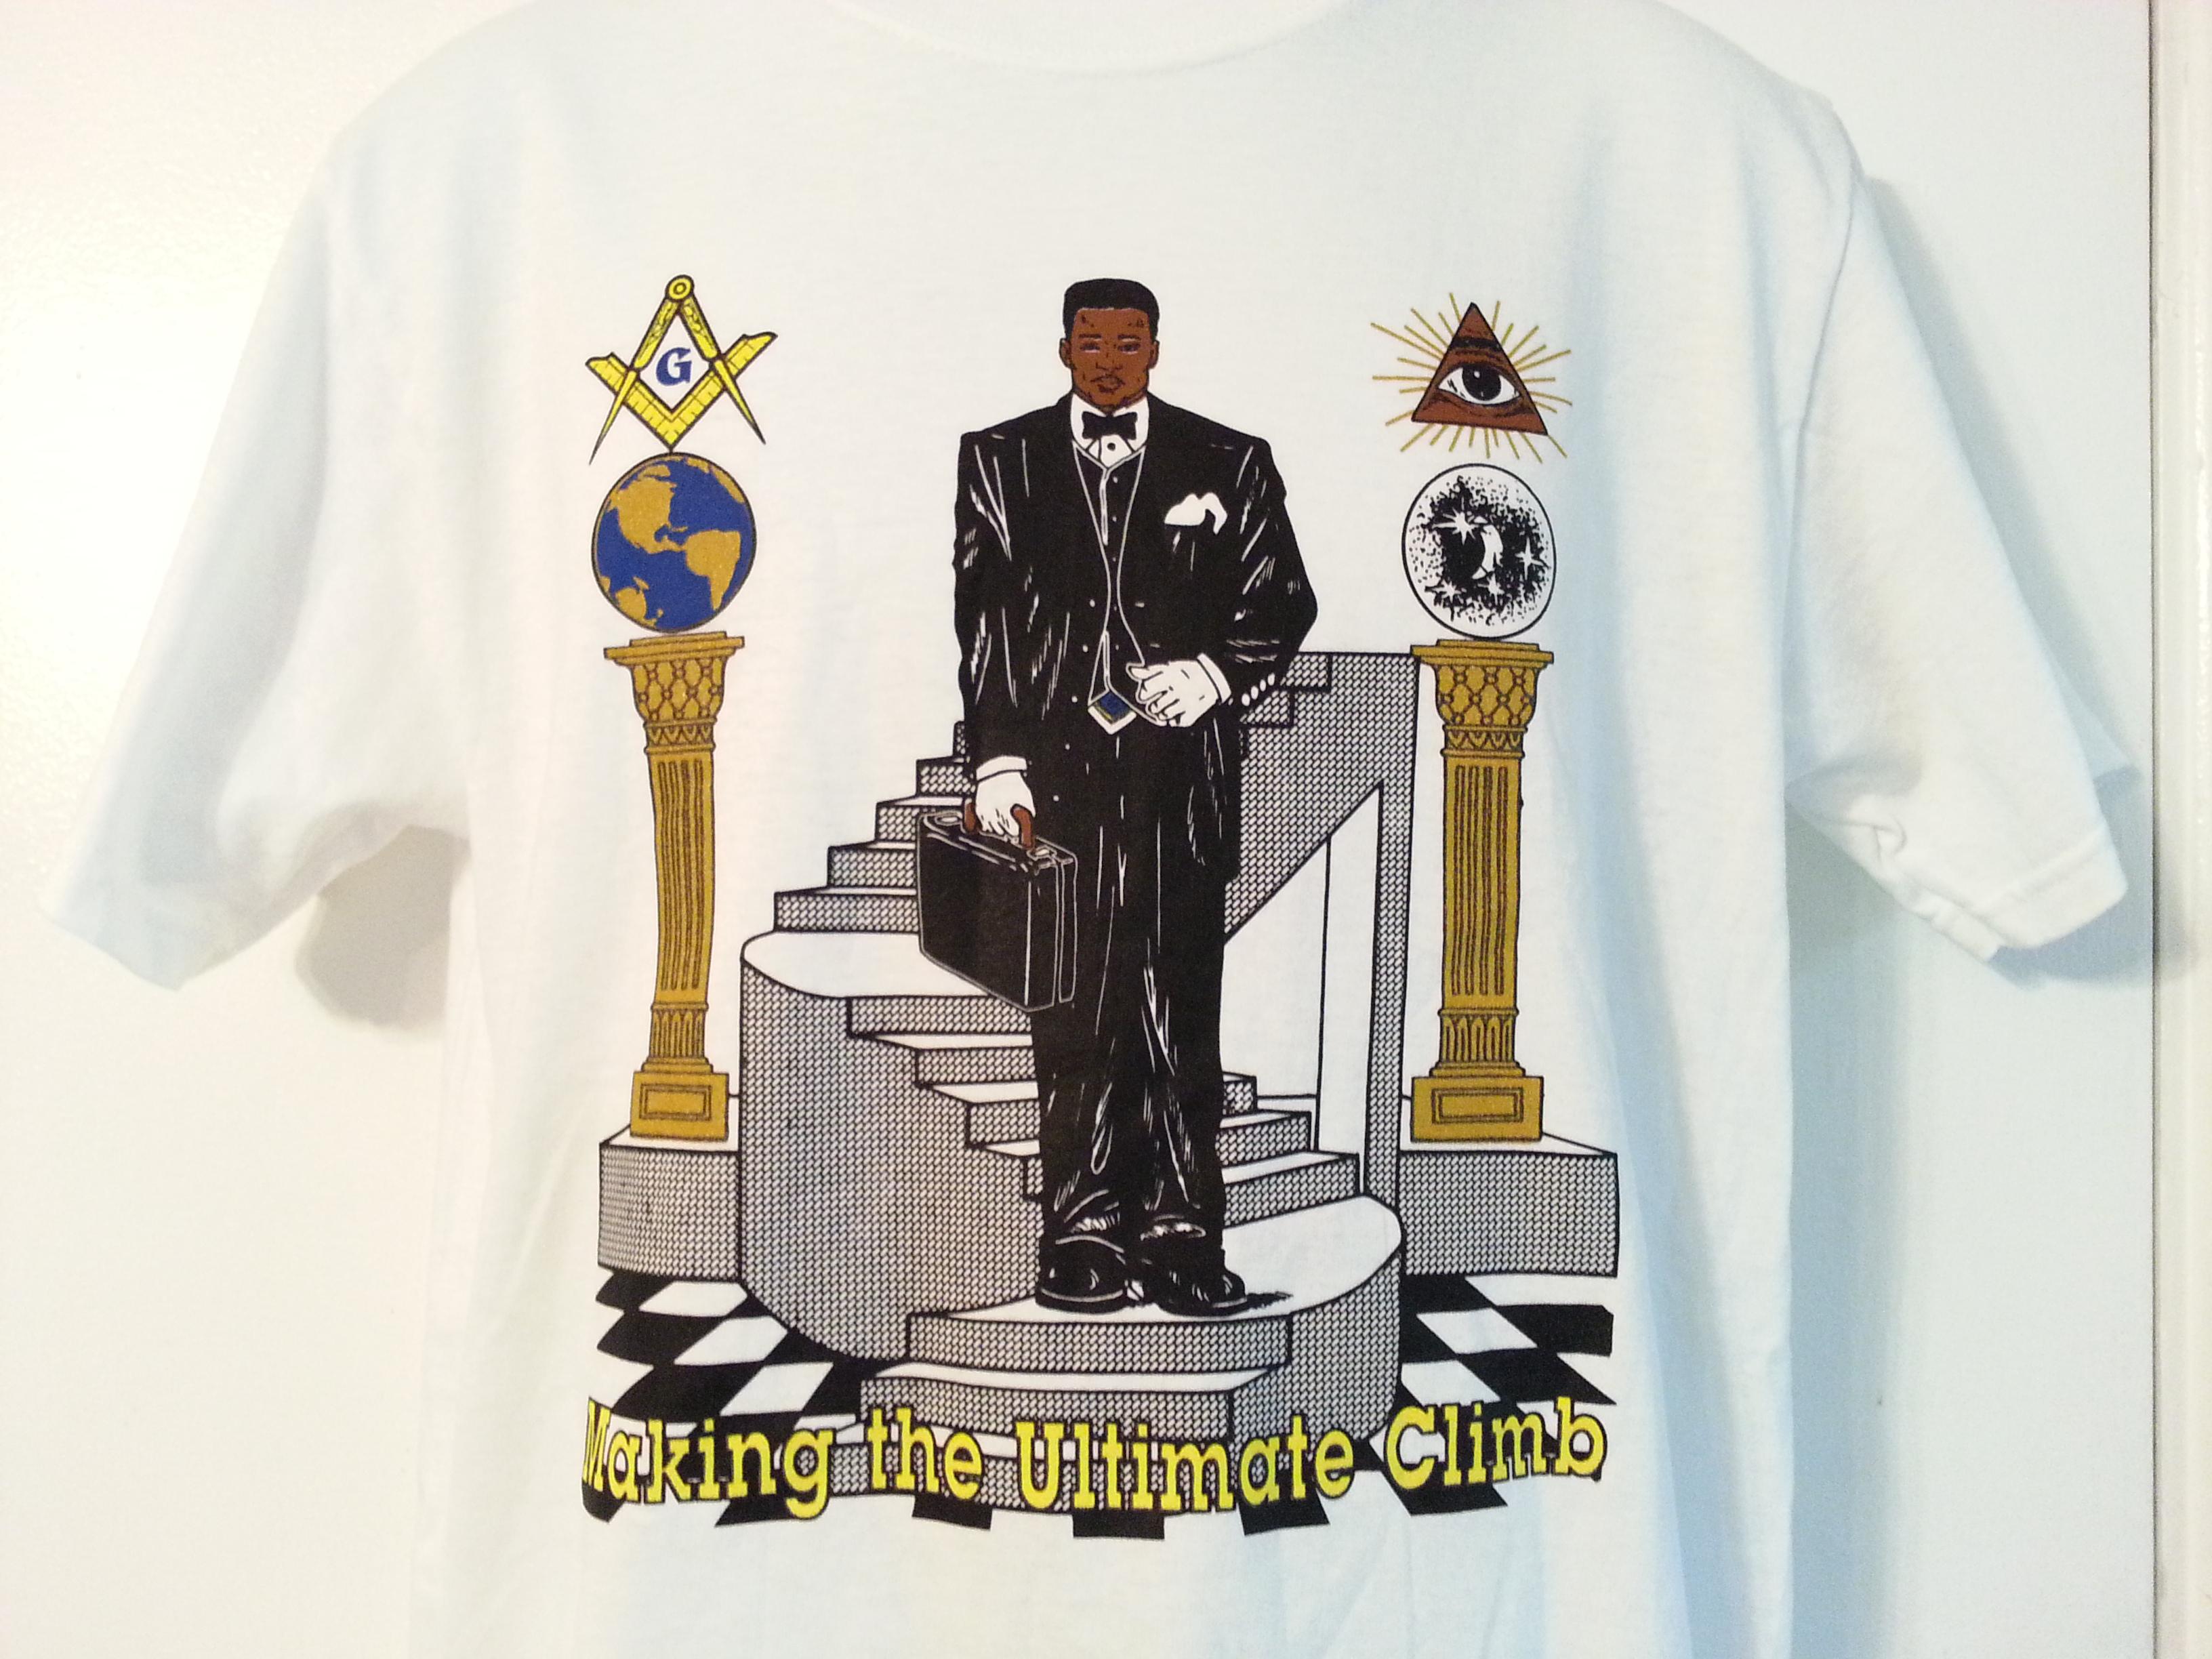 Masonic clothing store